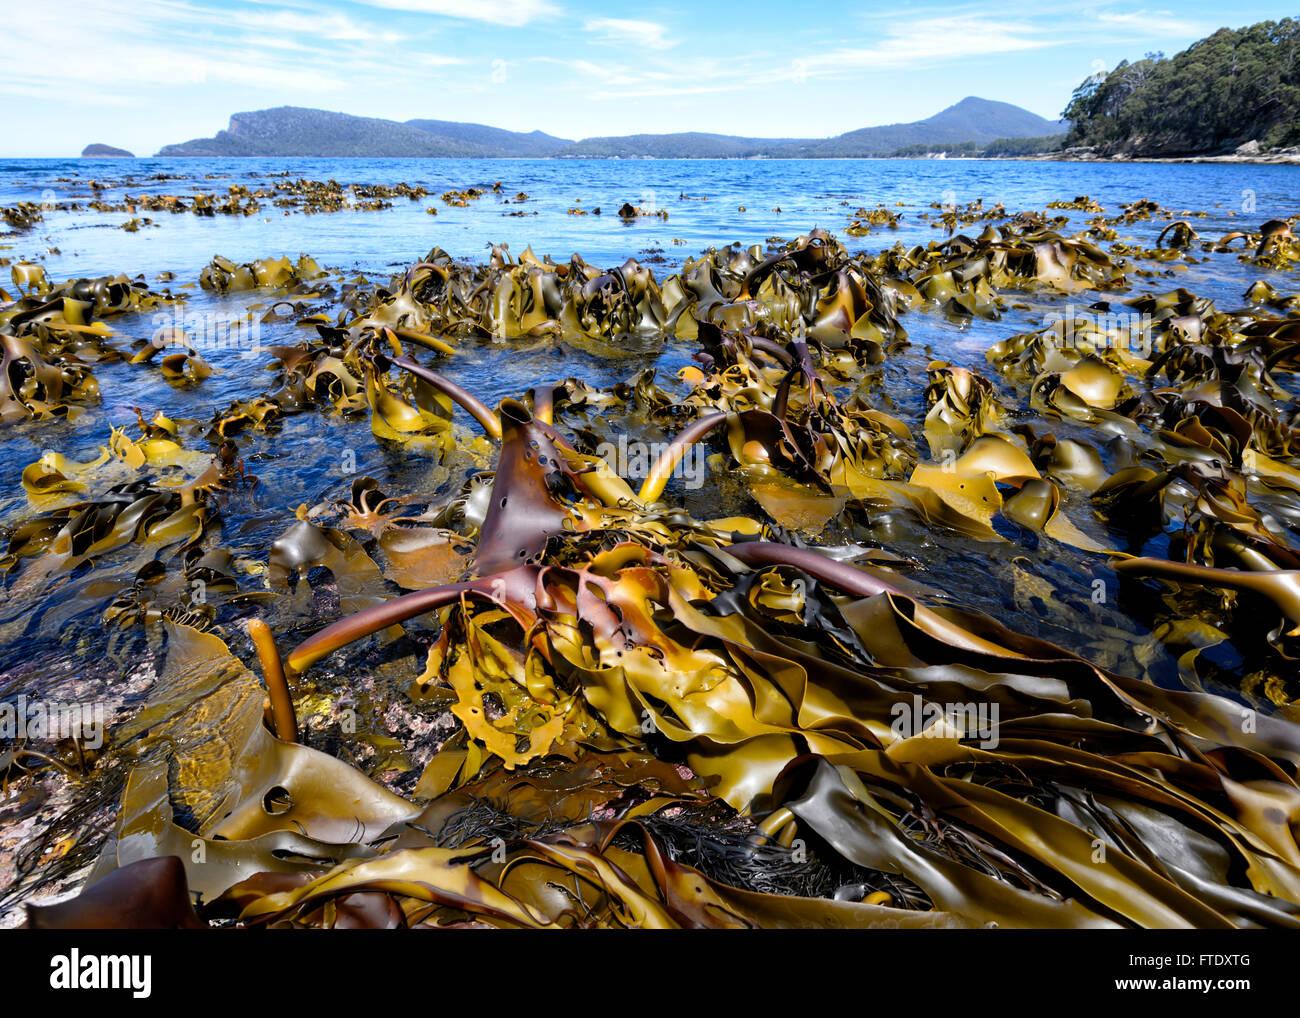 kelp-seaweeds-adventure-bay-bruny-island